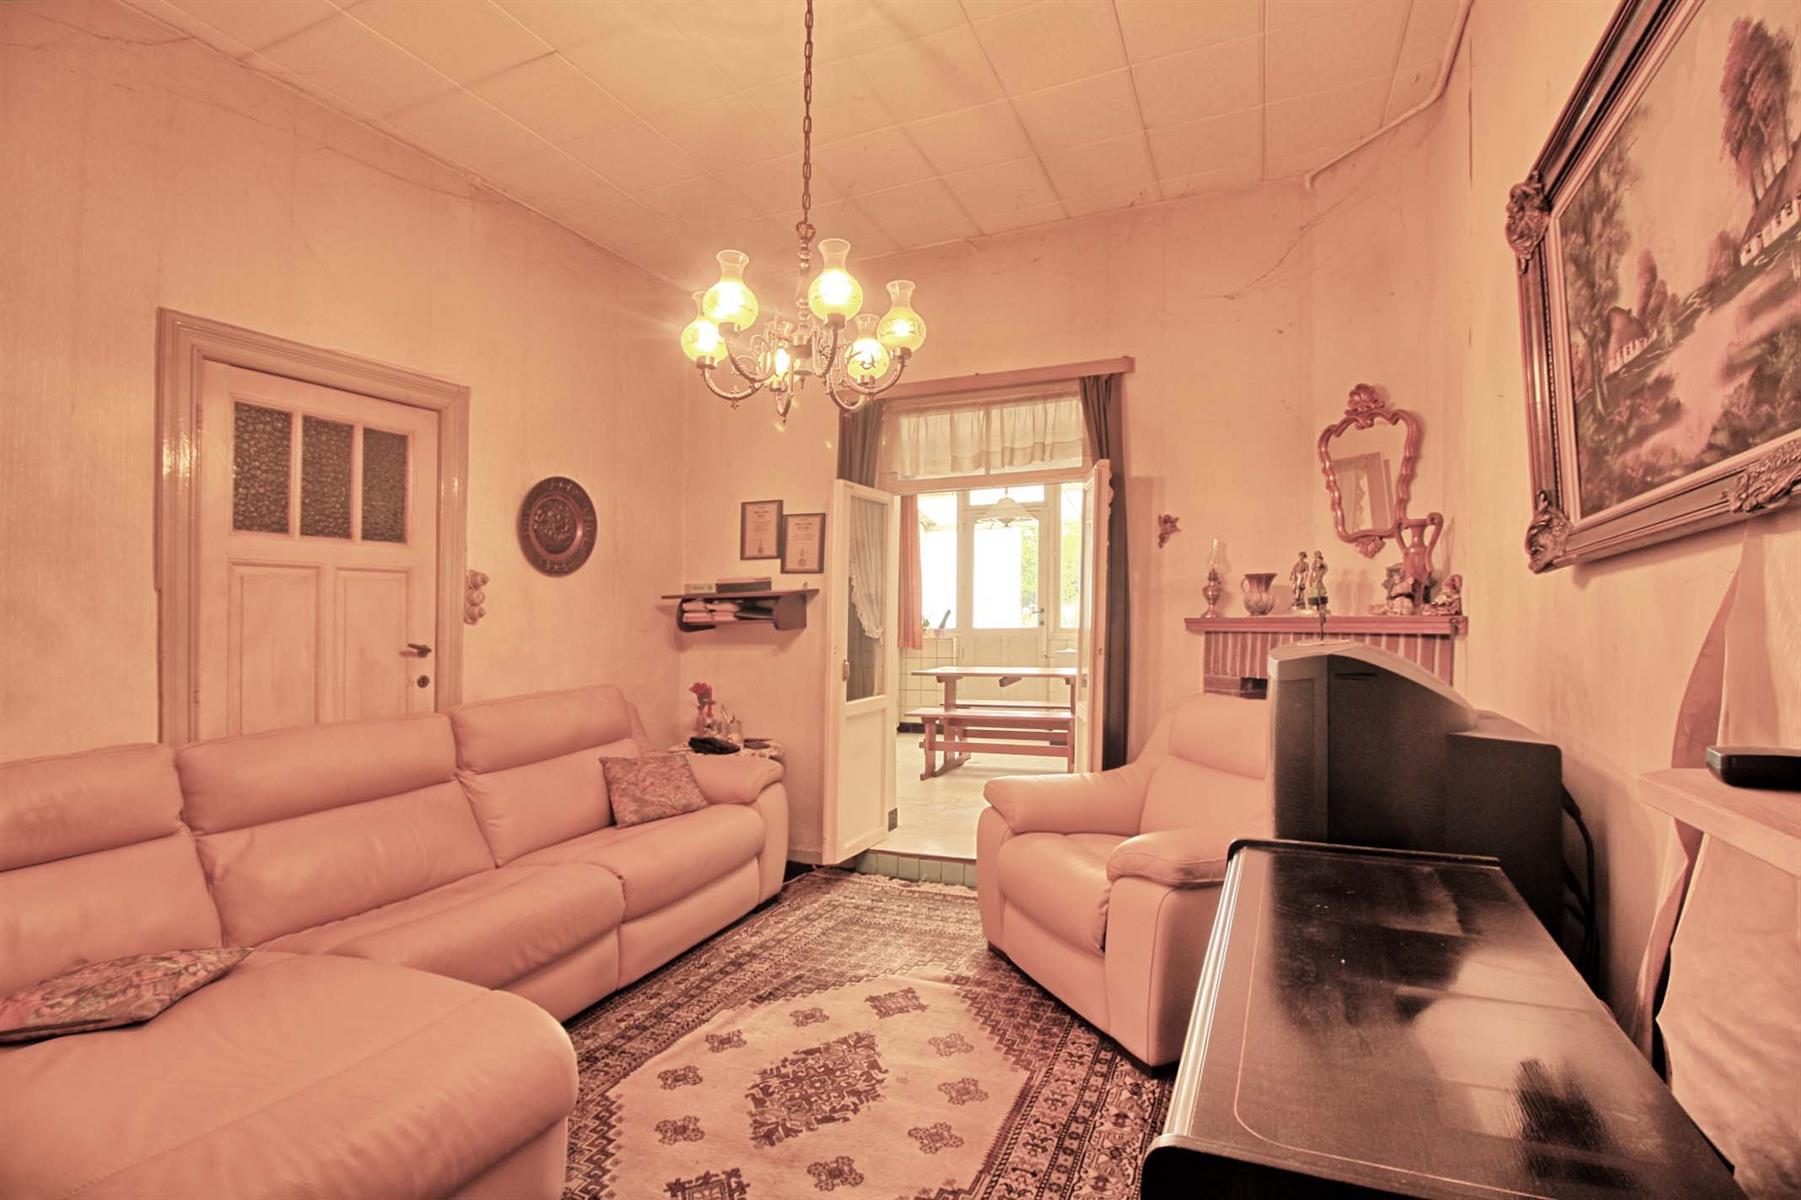 Maison unifamiliale - Woluwe-Saint-Lambert - #4106876-3